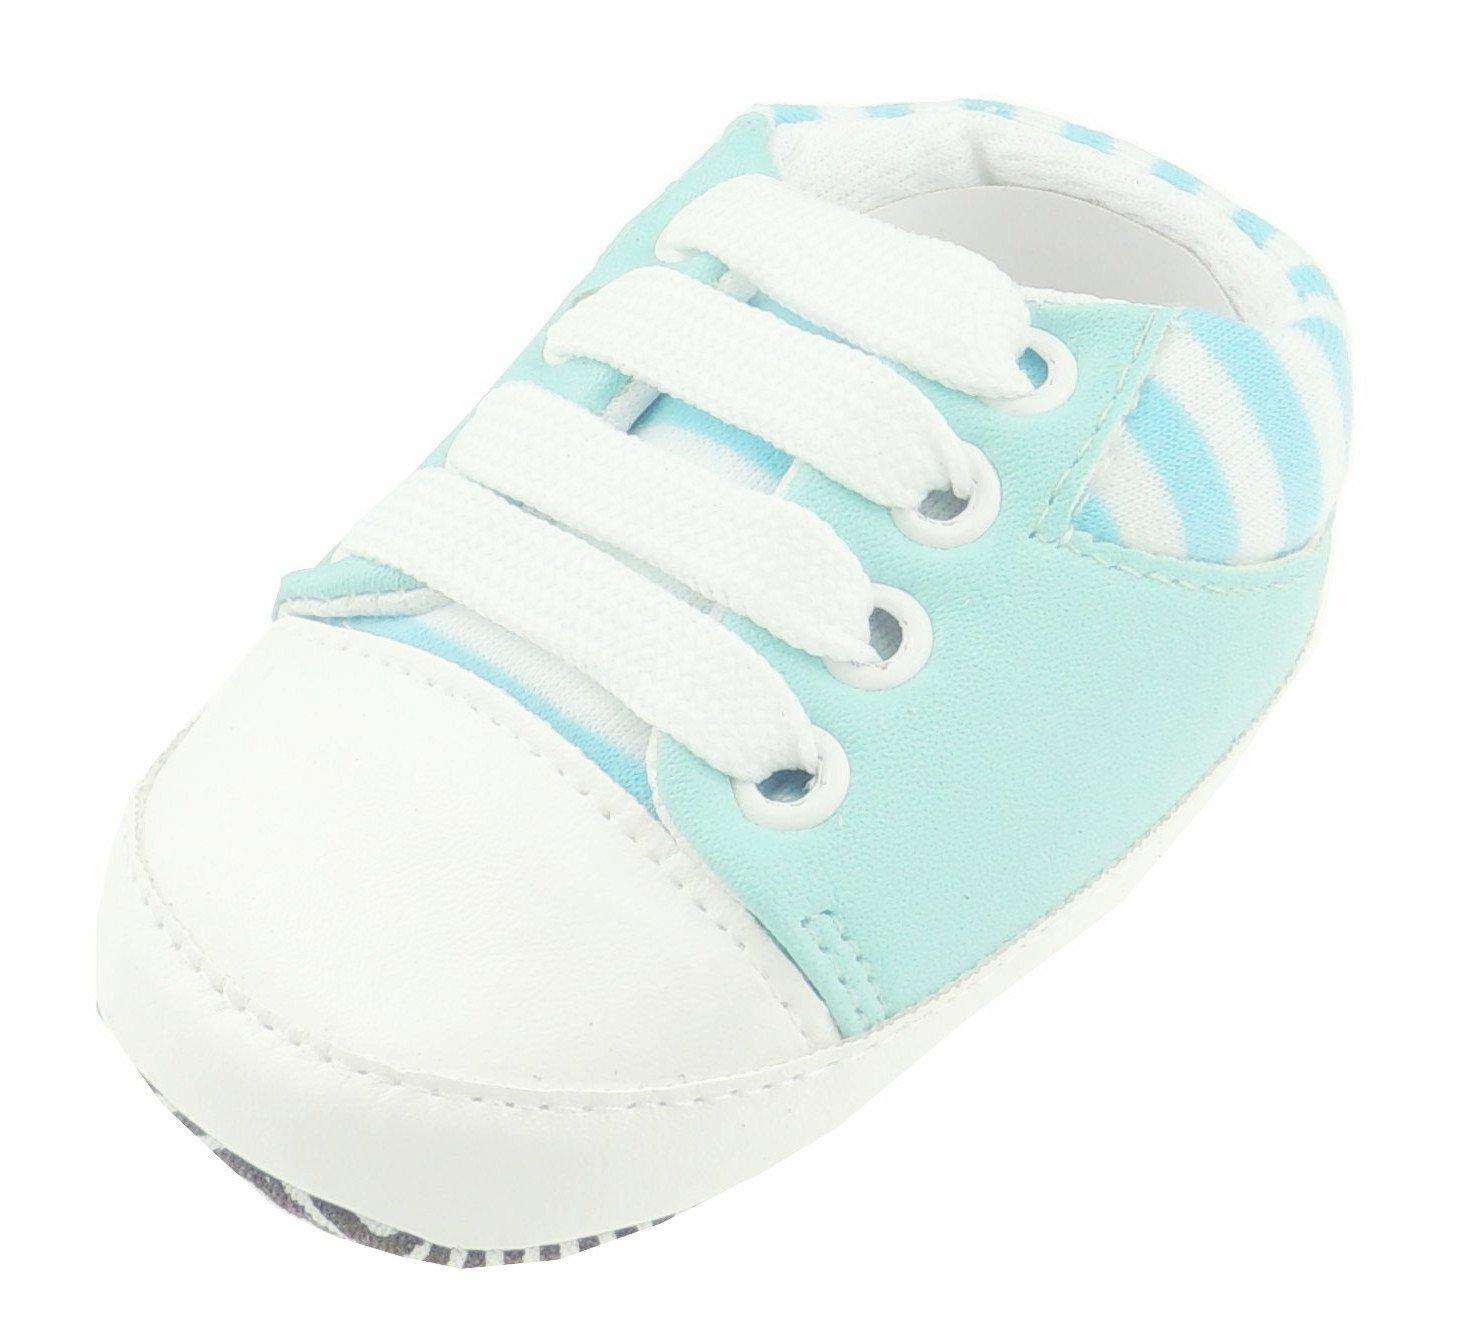 Adorable beb/é ni/ños ni/ñas botines cochecito zapatos blanco rayas zapatillas beb/é azul Talla:0-3 Meses